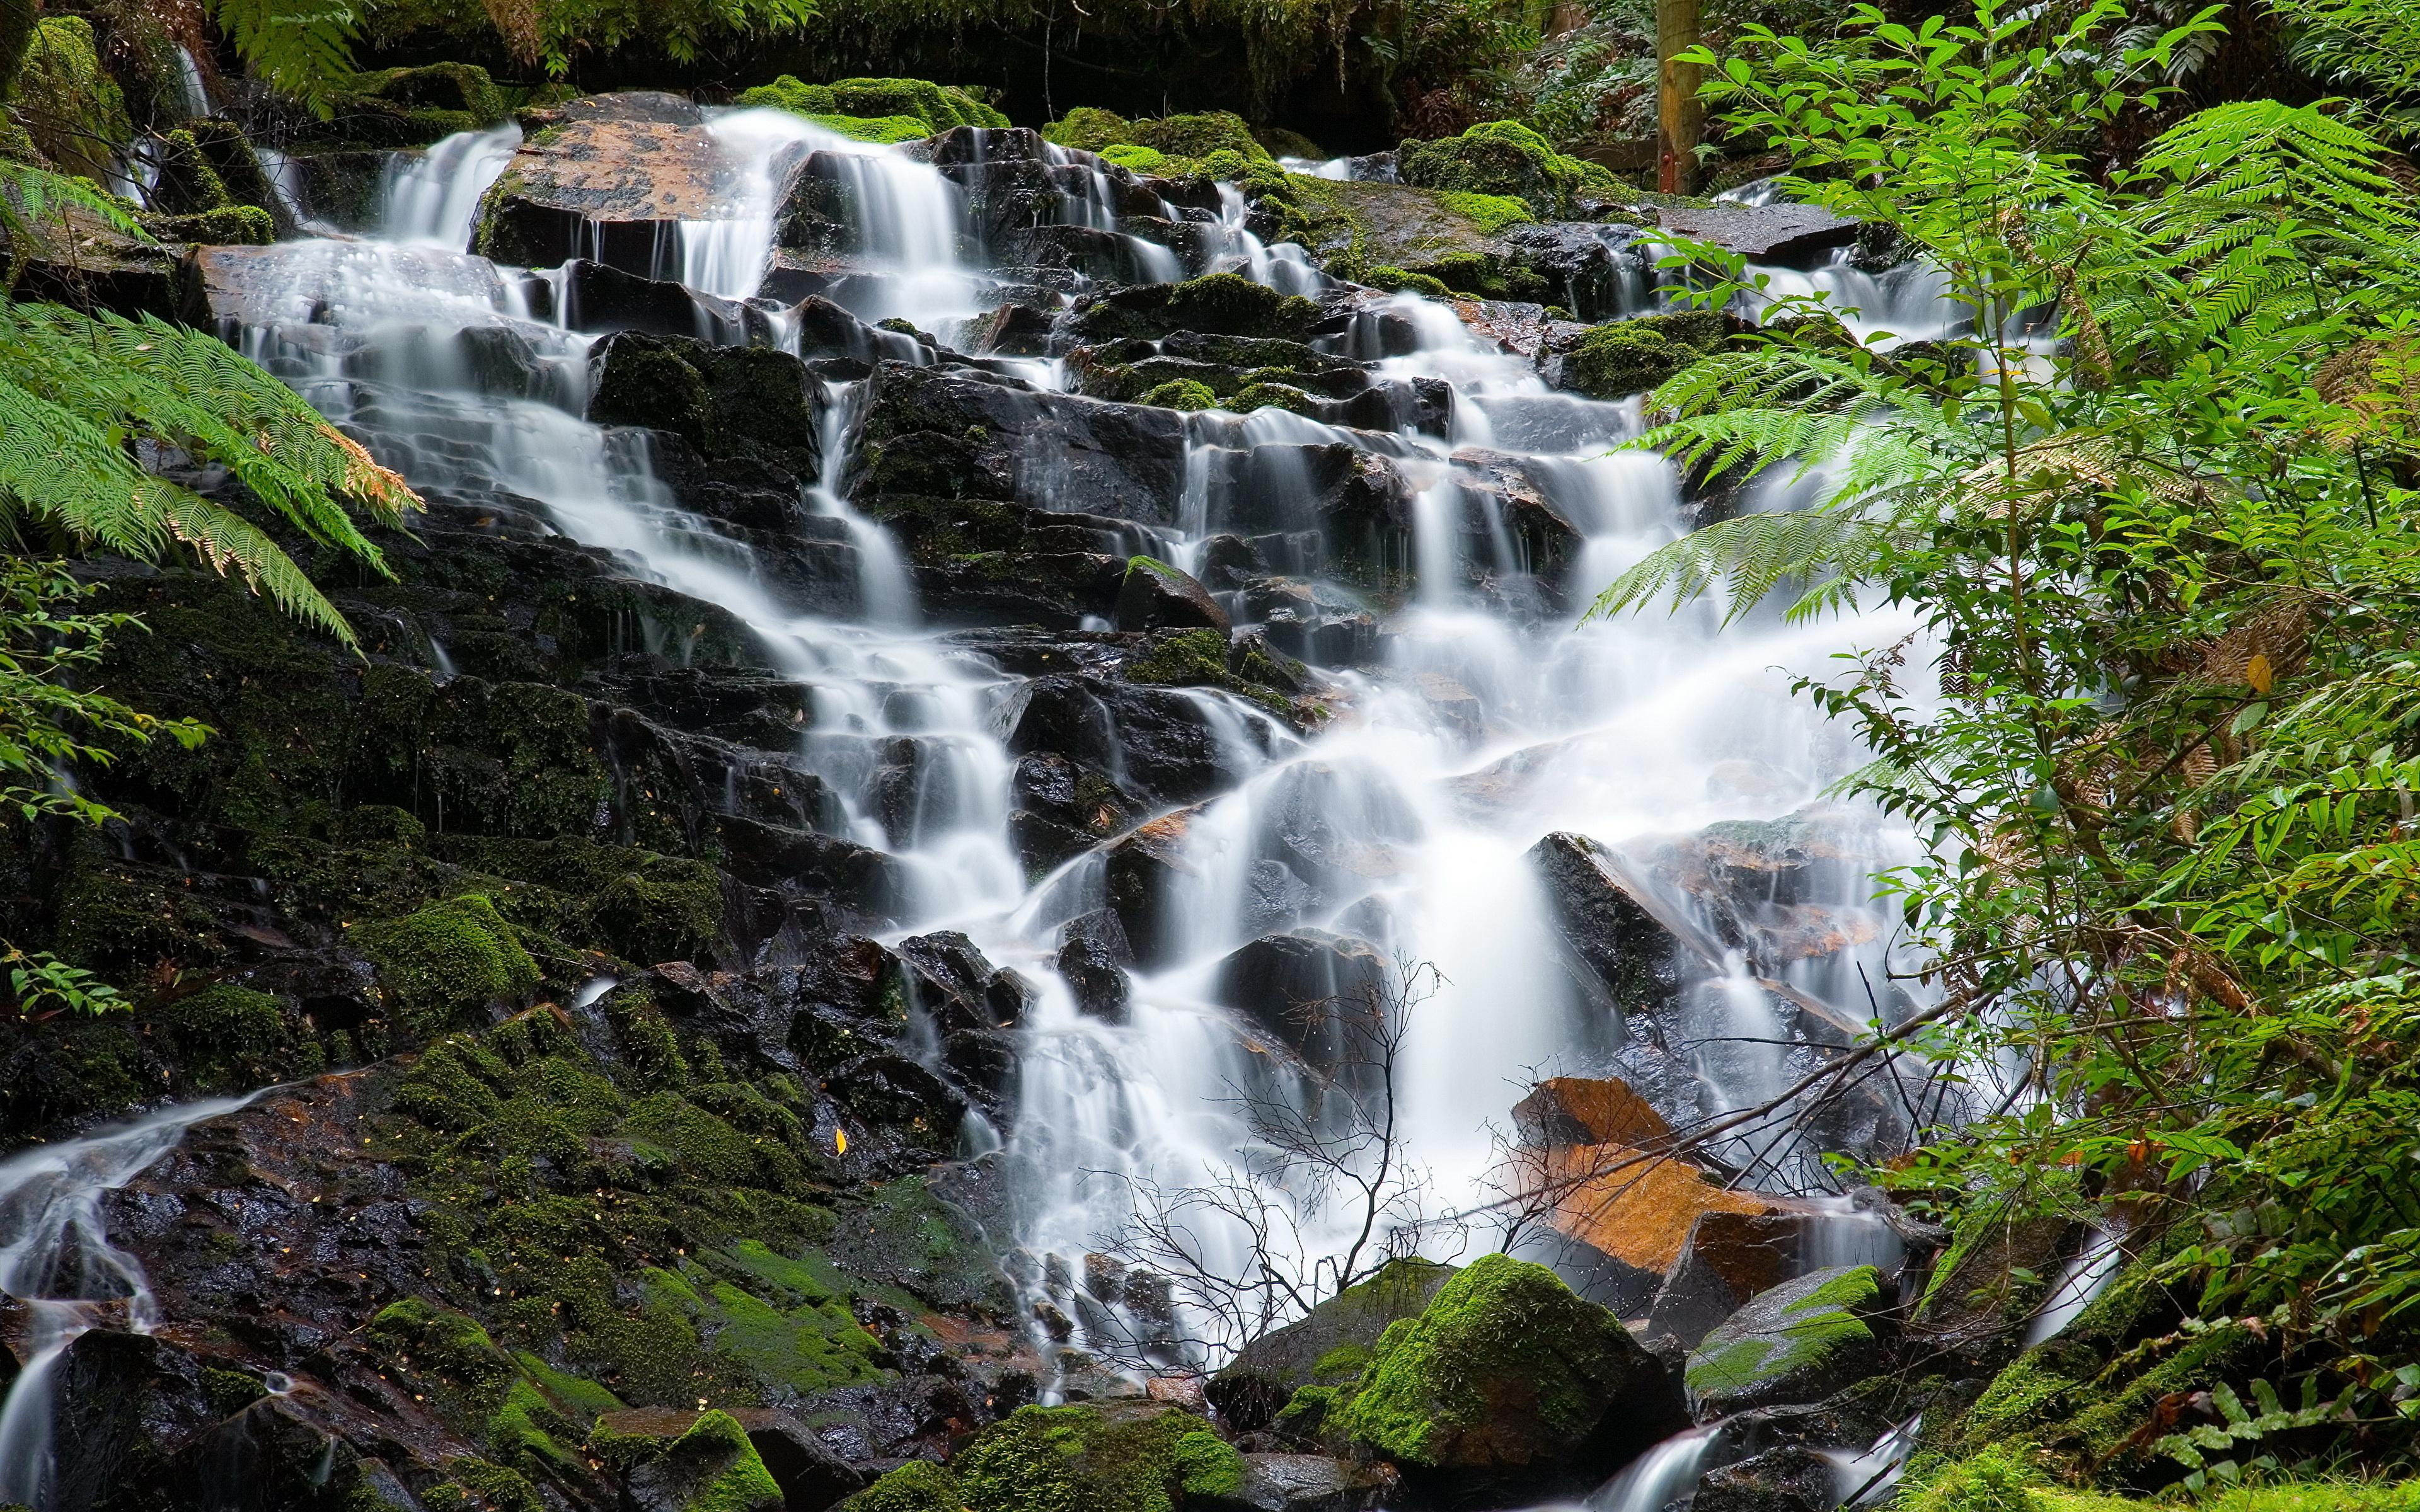 Hopetoun Falls, Otway Ranges, Victoria, Australia бесплатно